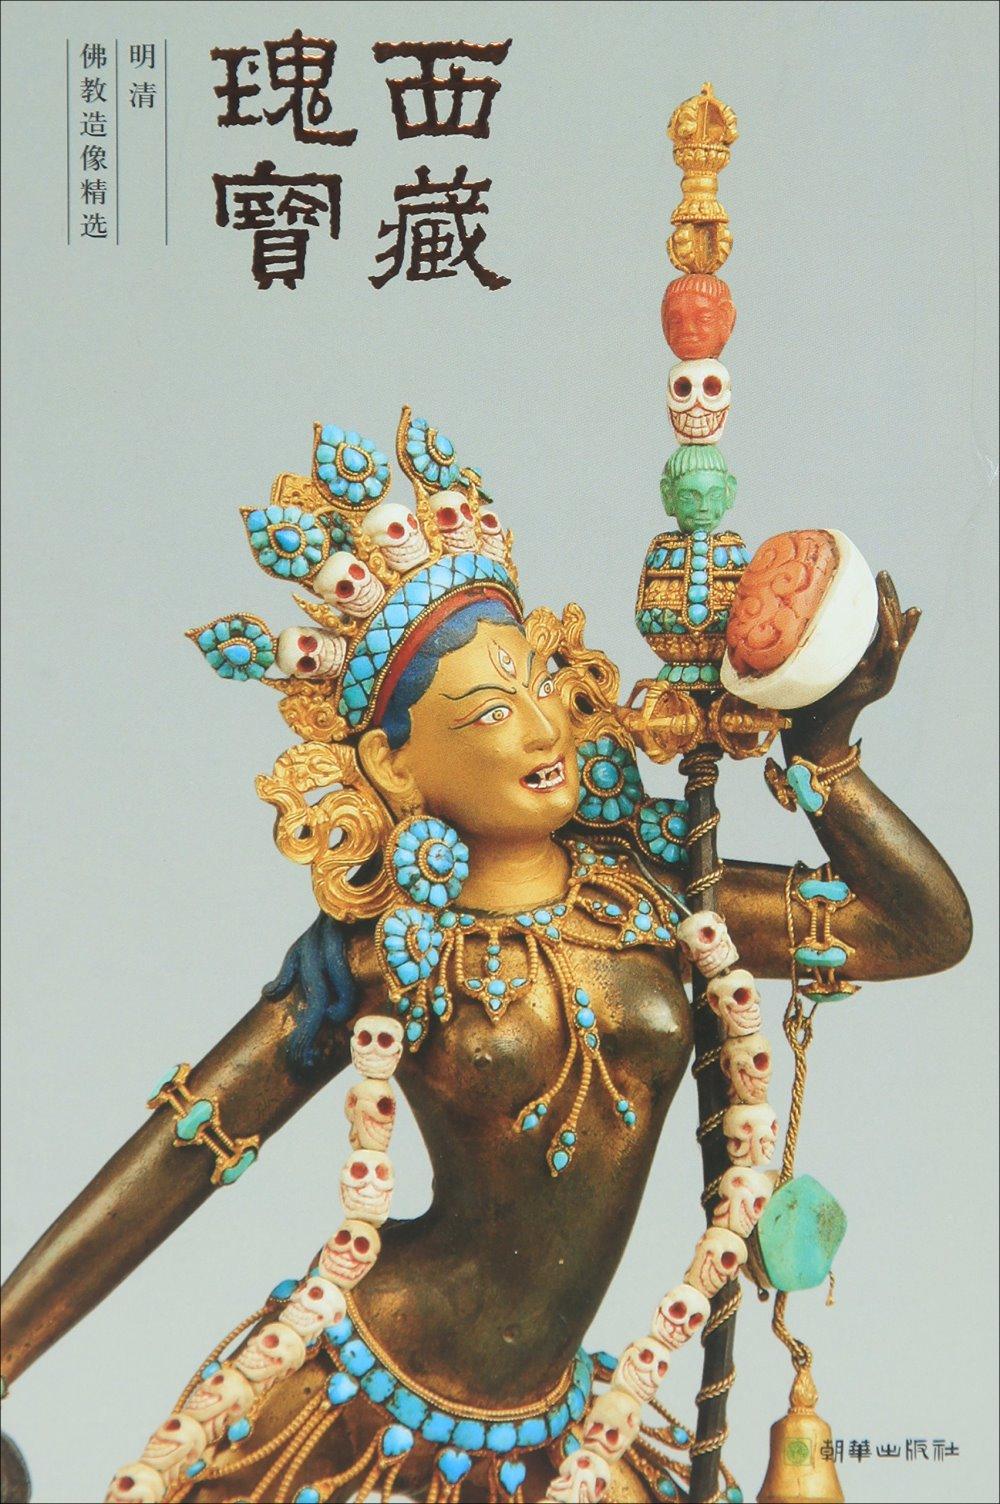 西藏瑰寶:明清佛教造像